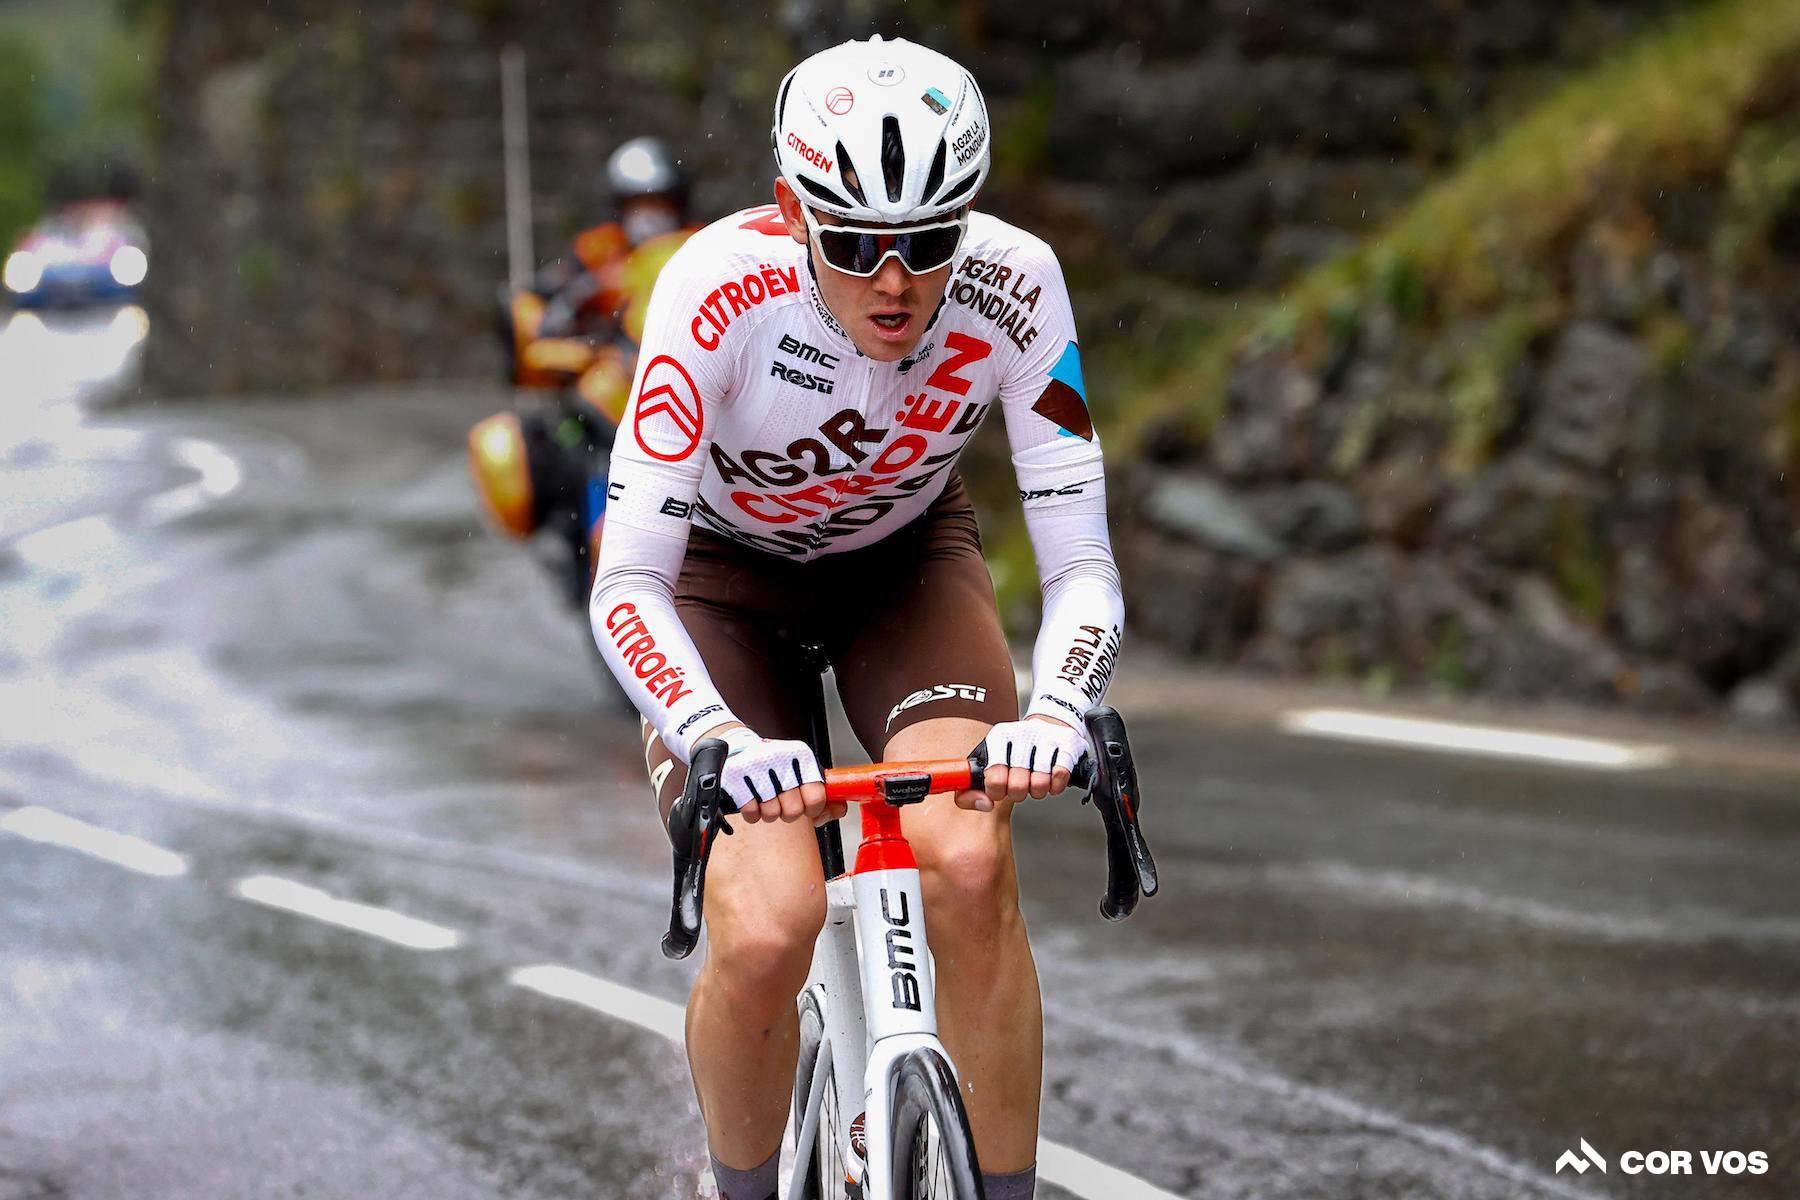 O'Connor balza al secondo posto assoluto con la vittoria della tappa 9 al Tour de France